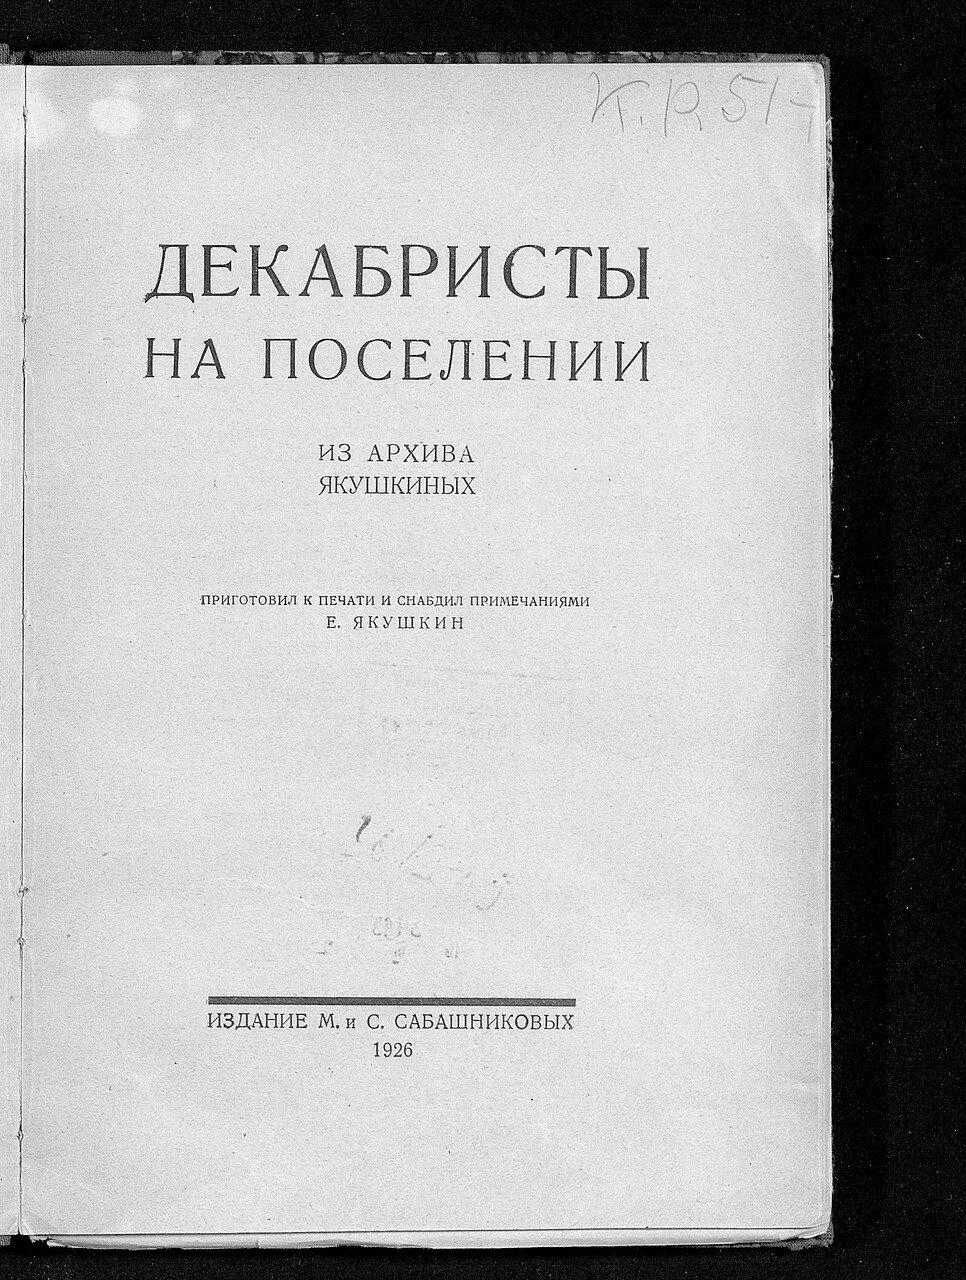 https://img-fotki.yandex.ru/get/370294/199368979.a0/0_214303_ddb8bedd_XXXL.jpg